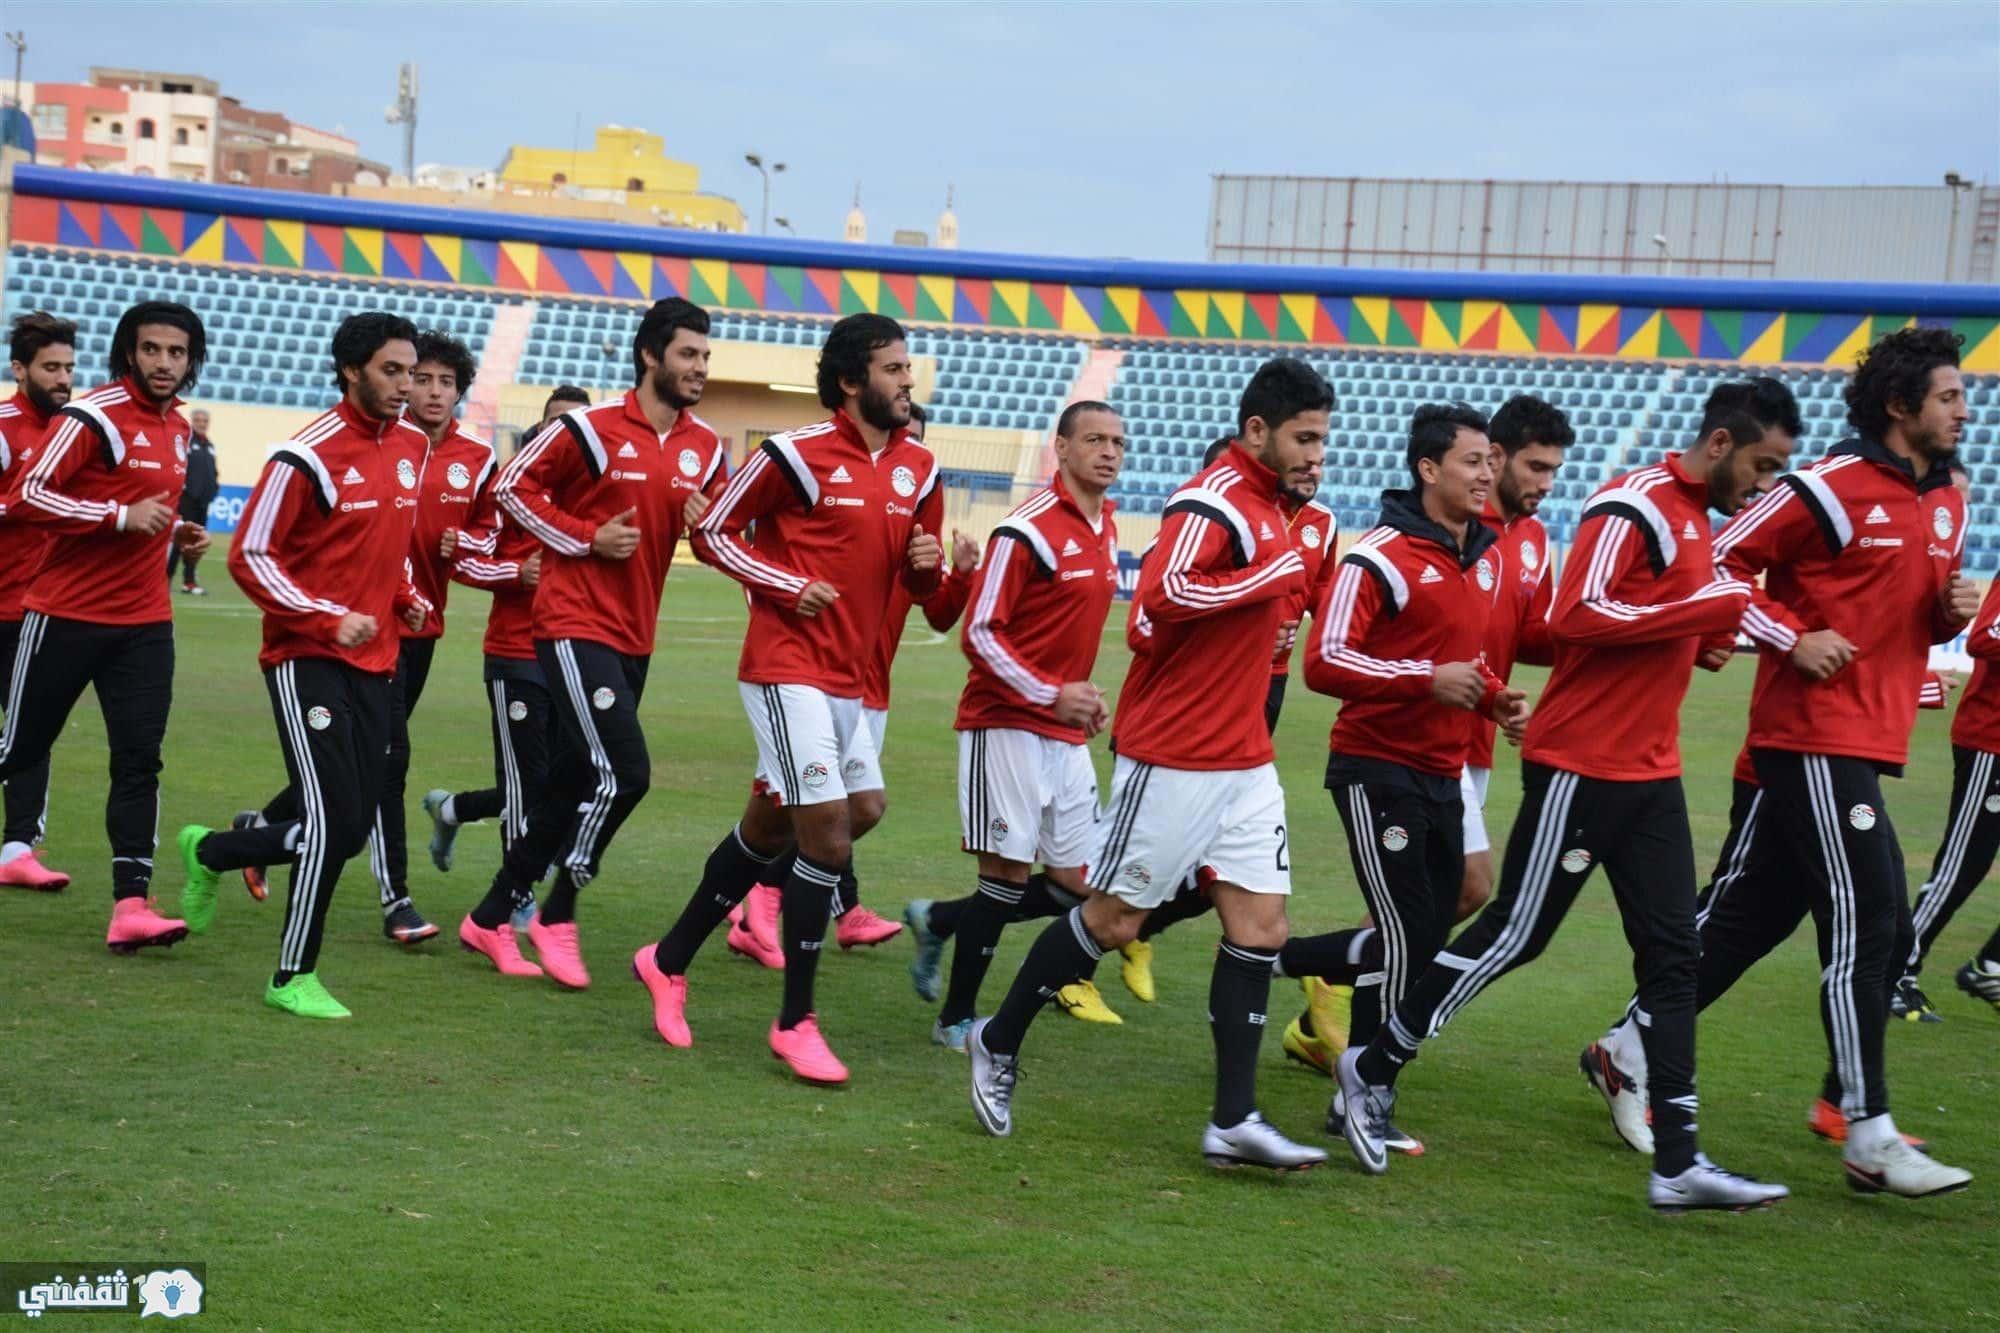 موعد مباراة مصر وأوغندا القادمة